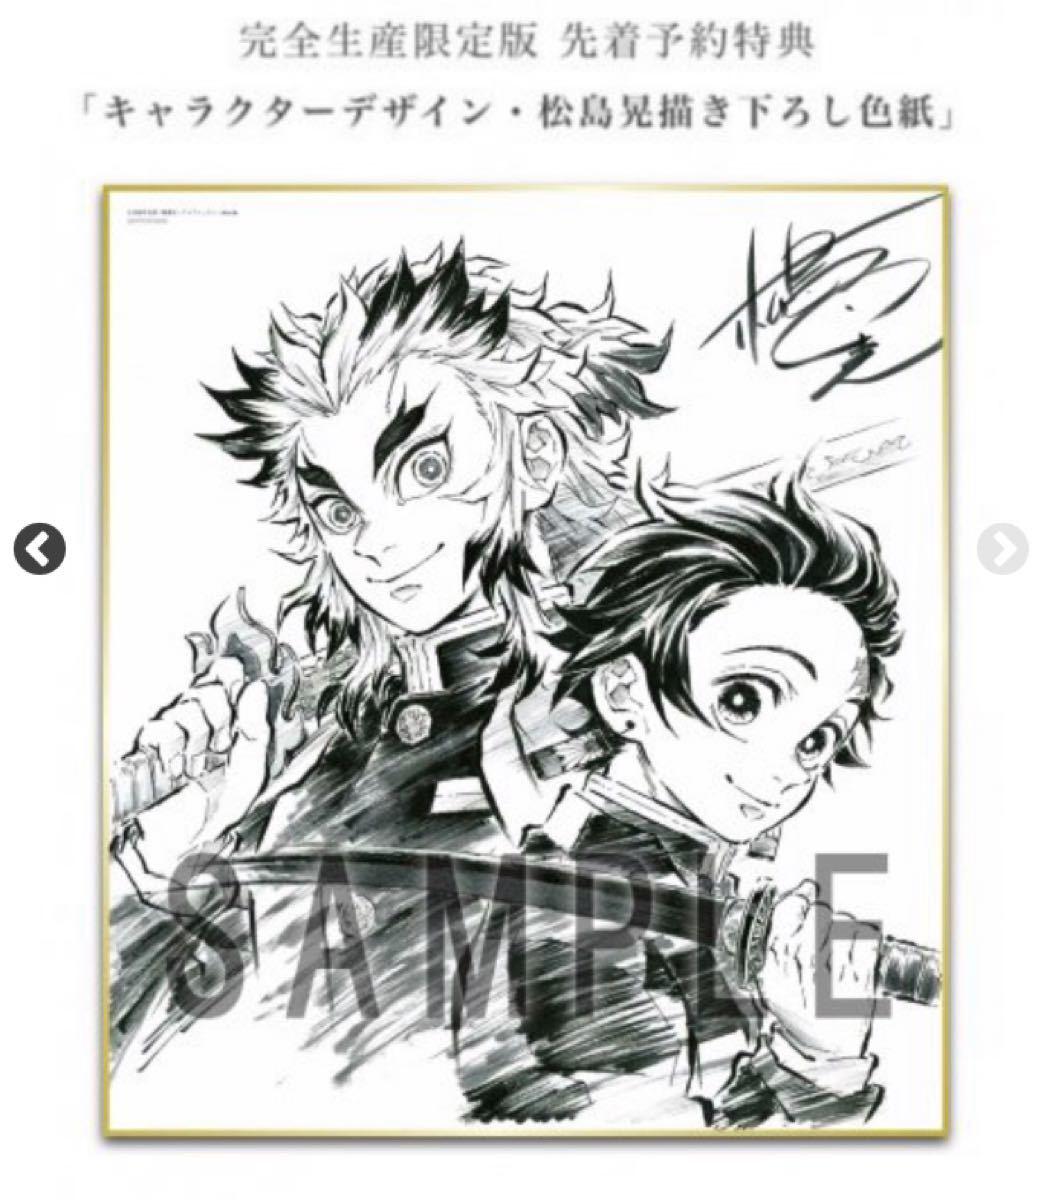 【完全生産限定版】 鬼滅の刃 無限列車編 DVD Blu-ray 特典 色紙